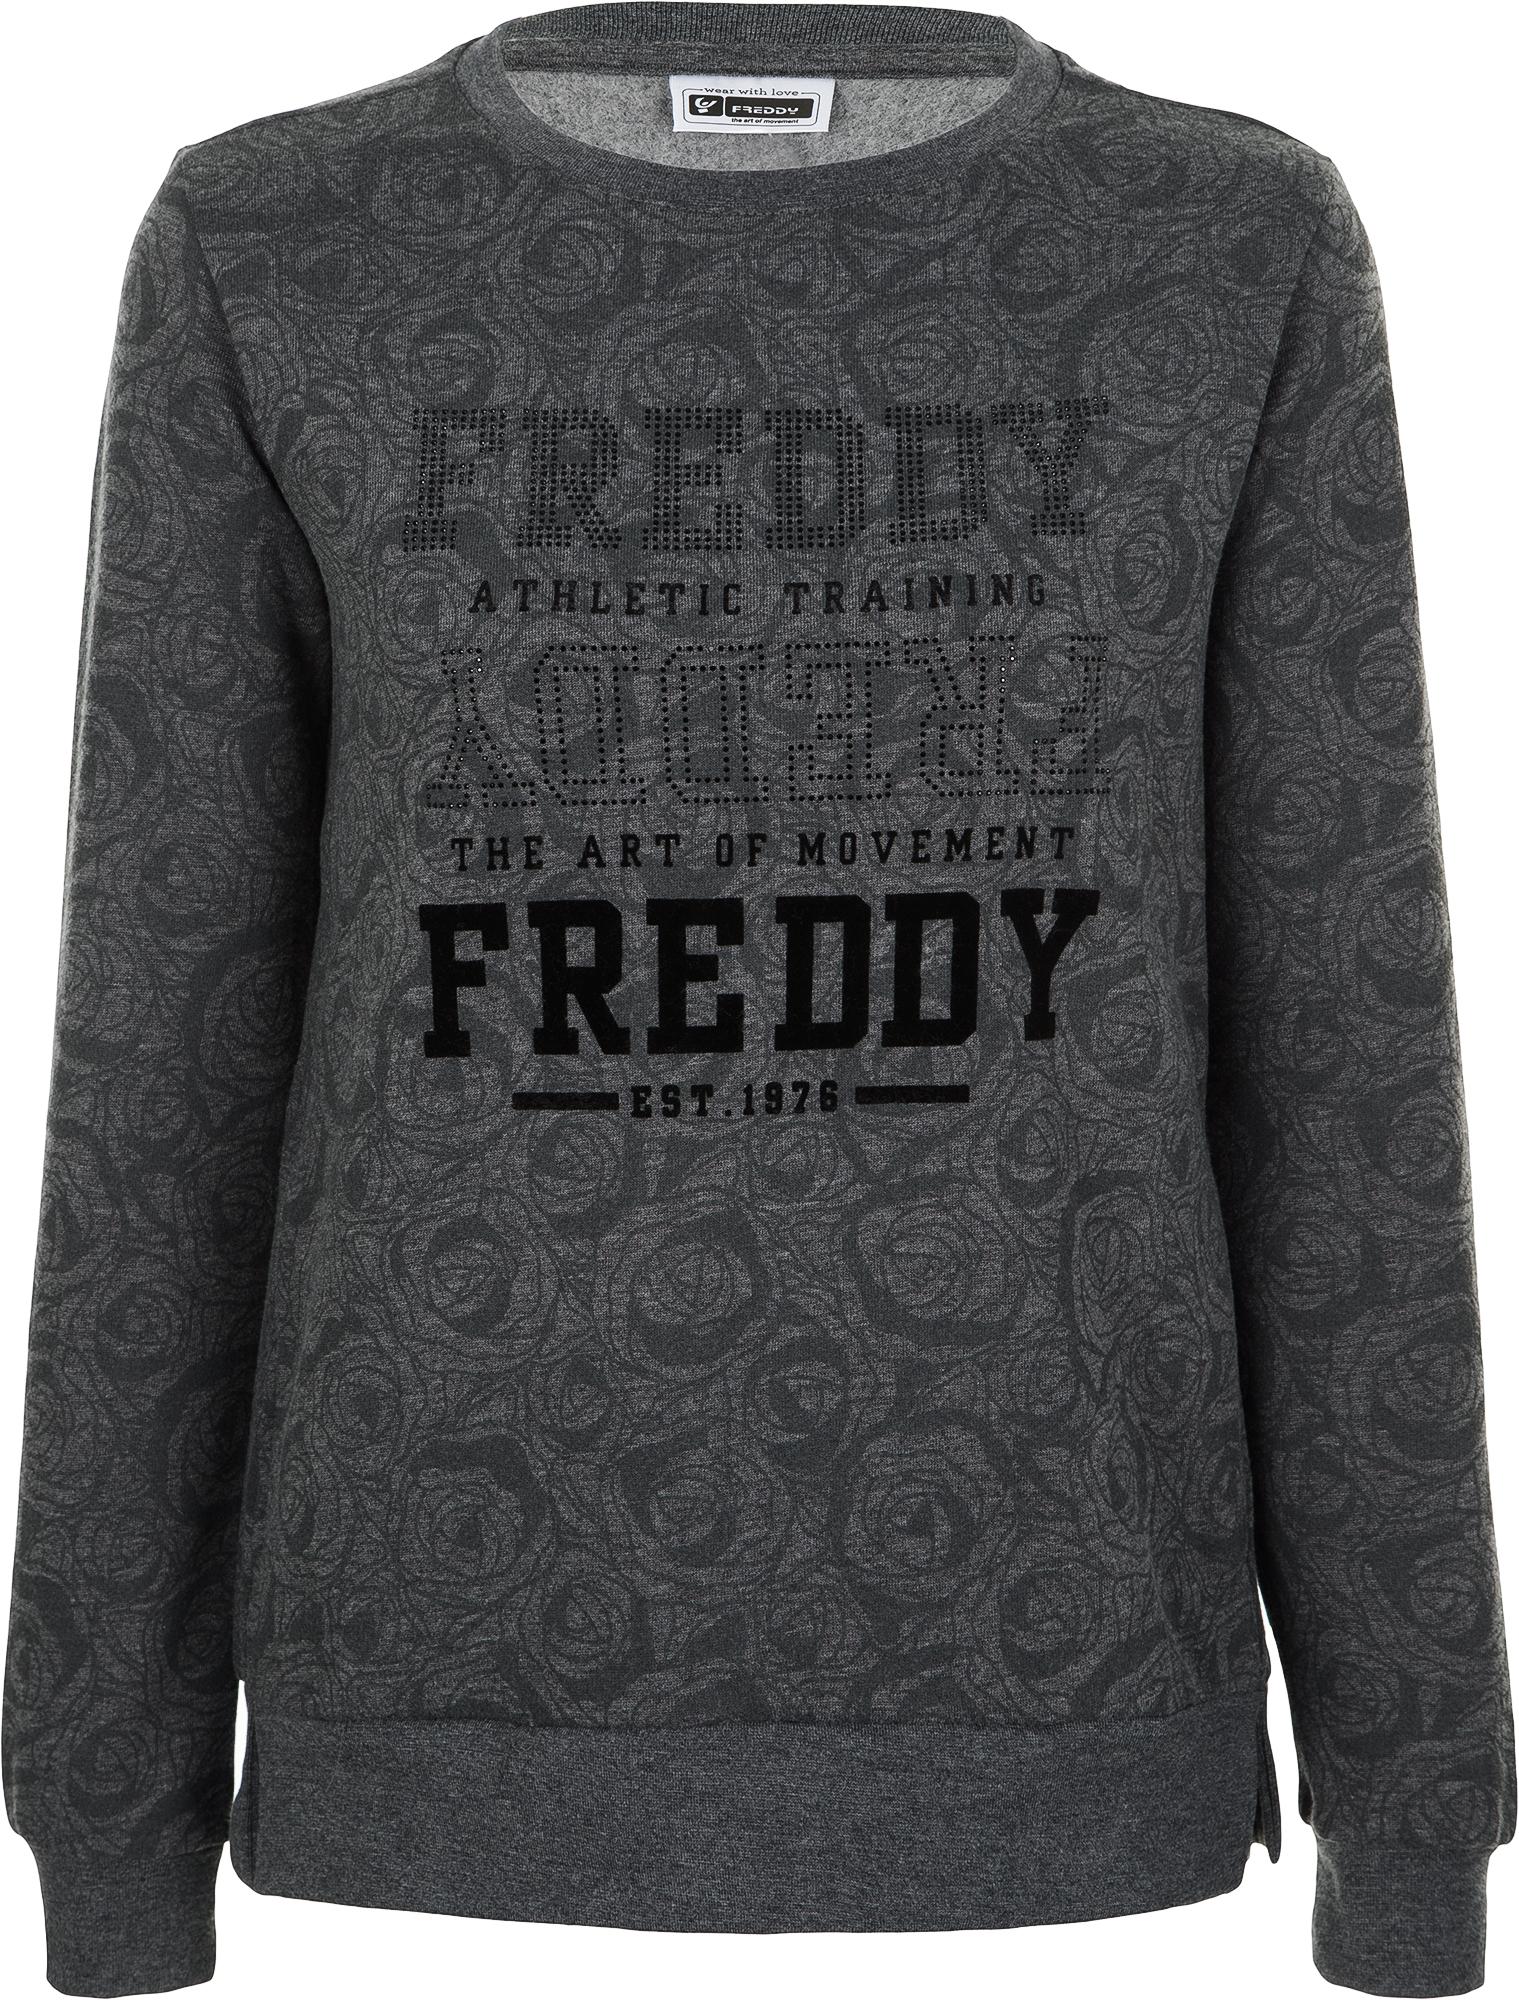 Freddy Свитшот женский Freddy, размер 48-50